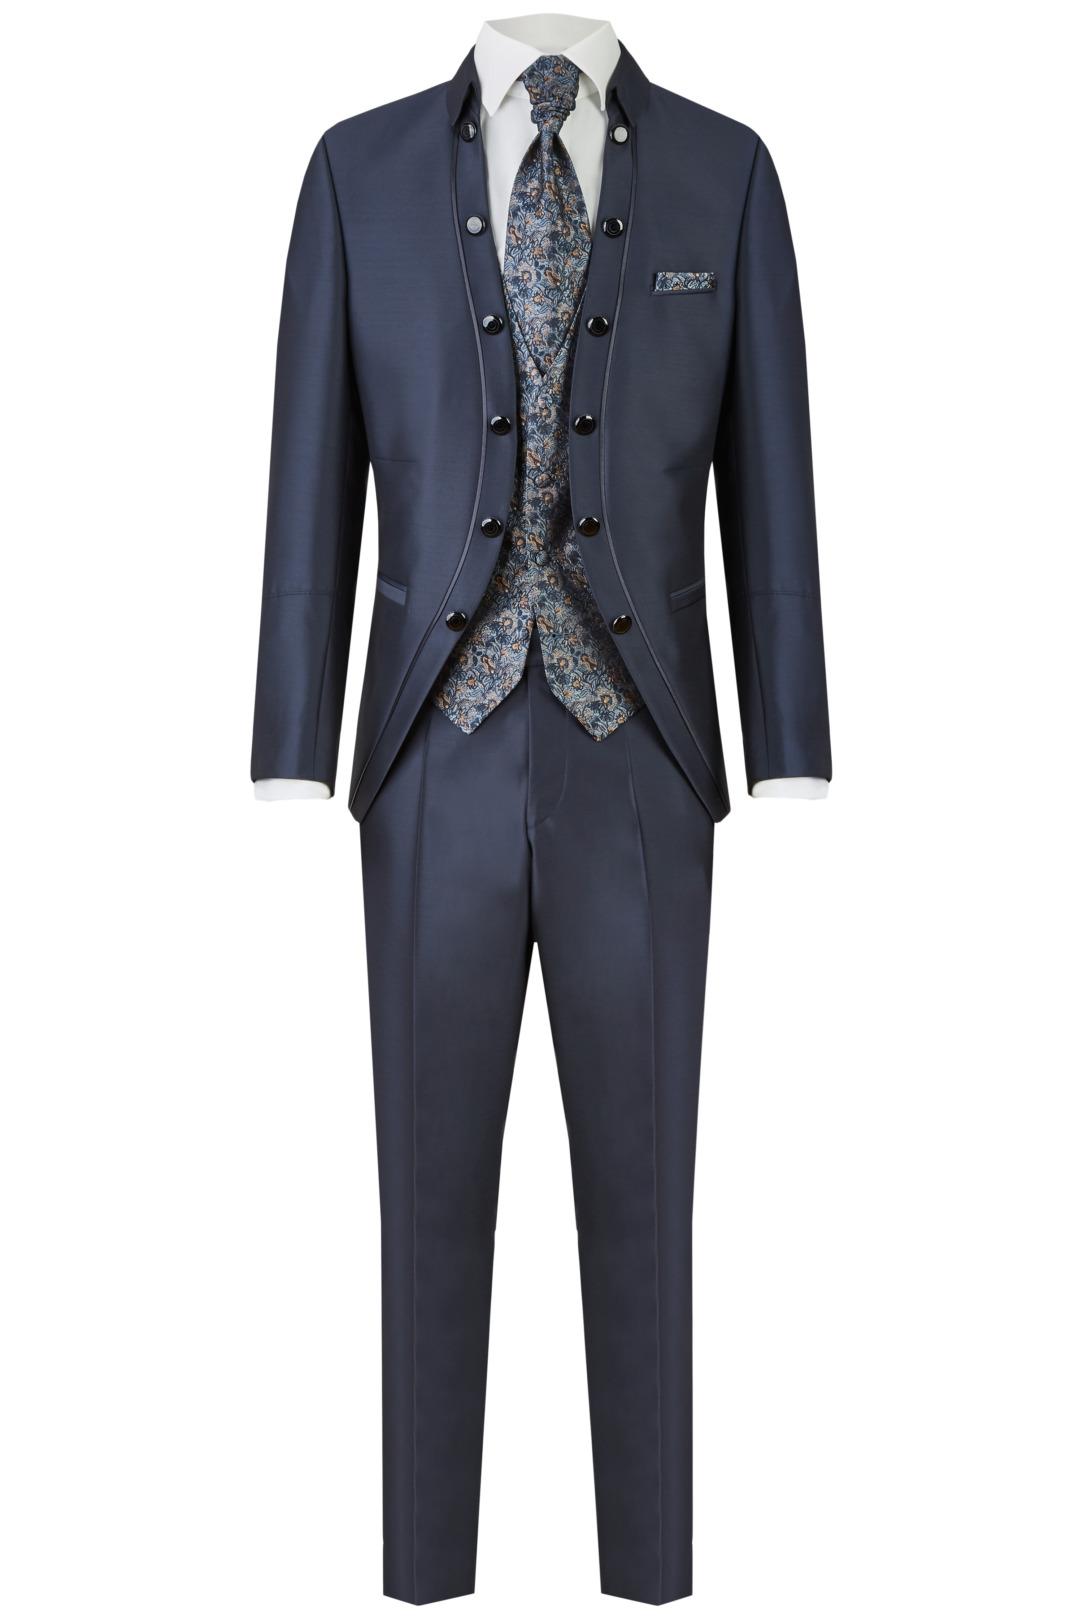 Wilvorst Tziacco Hochzeitsanzug Männer Mode Bräutigam extravagant  dunkelblau wil_0121_otf_tz-look-3_1